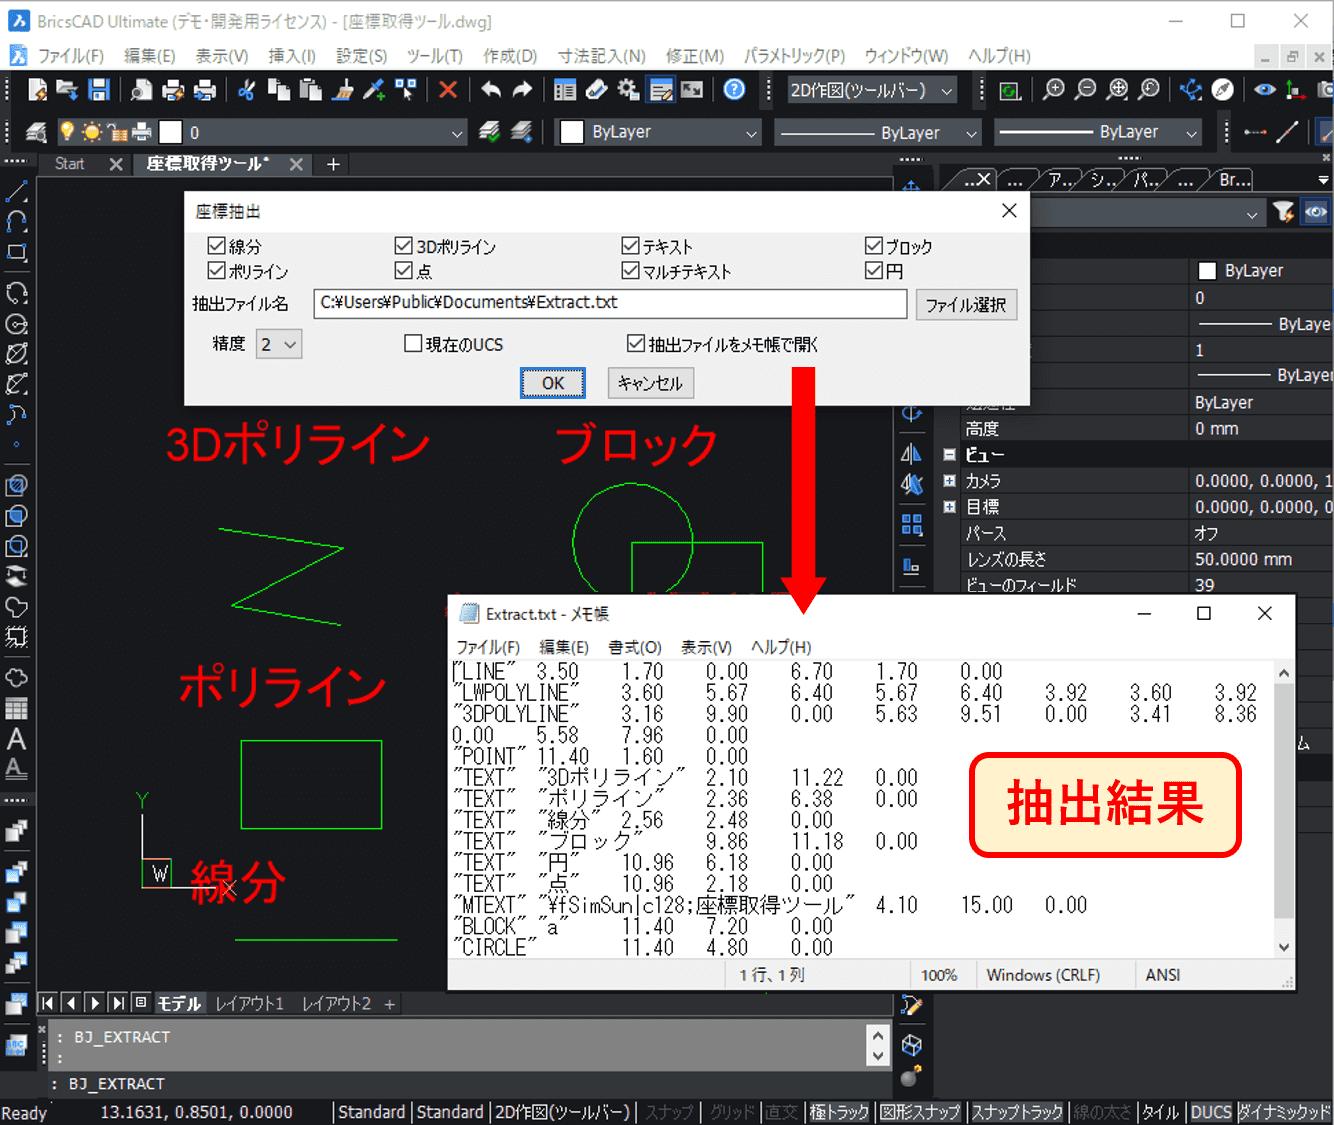 座標取得ツール(BJ_Extract)